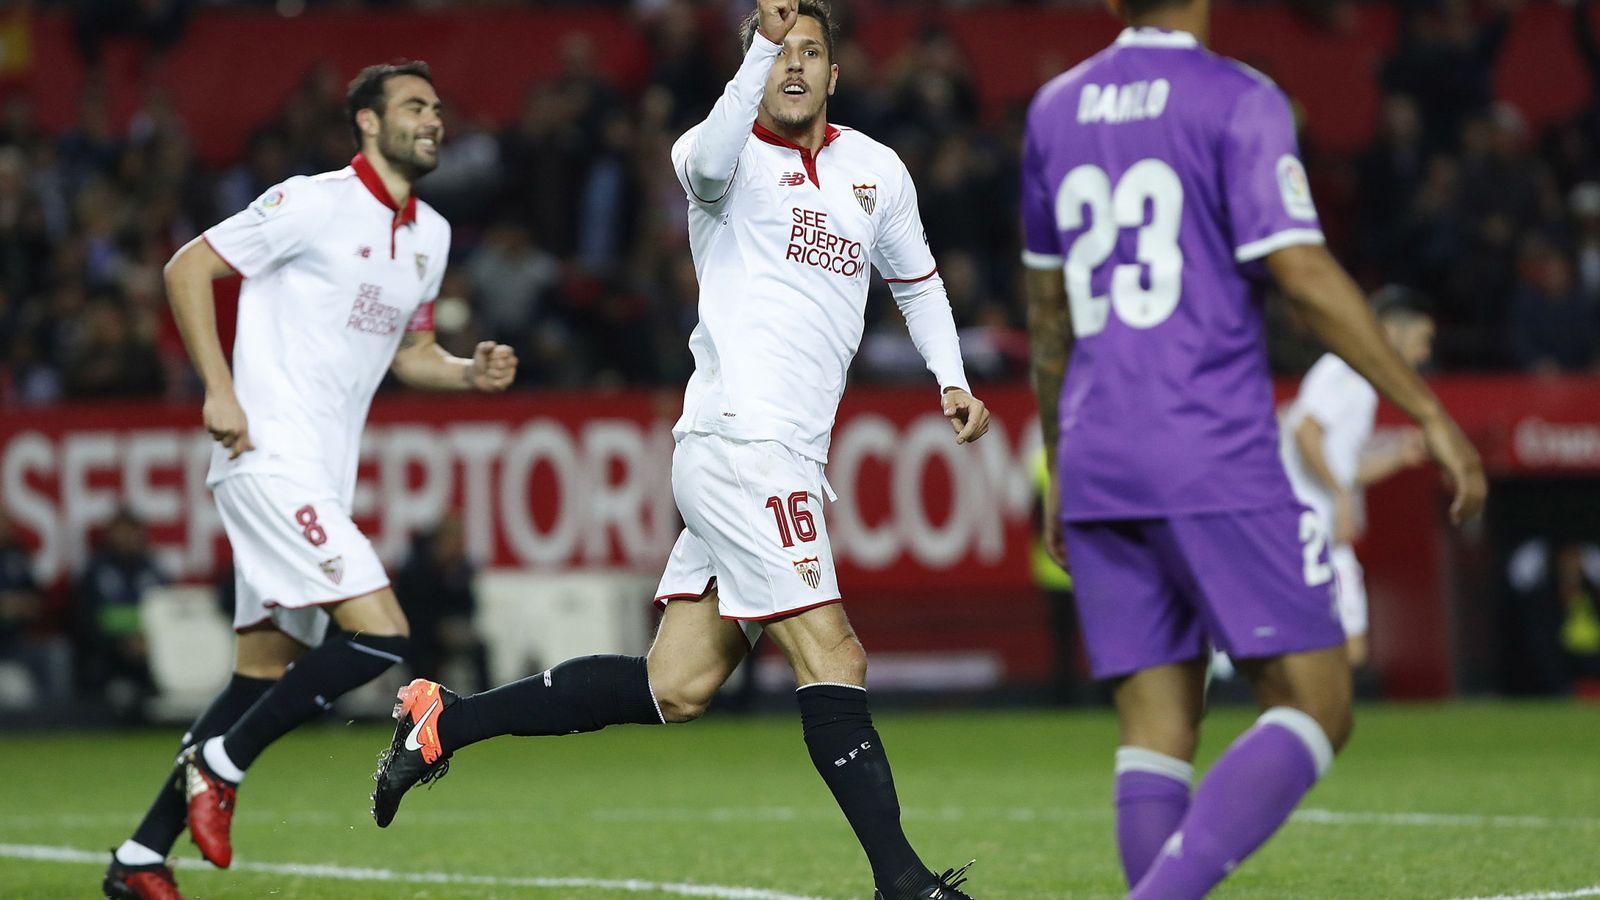 Foto: Jovetic celebra el gol que le marcó al Real Madrid en su estreno como jugador del Sevilla (EFE)